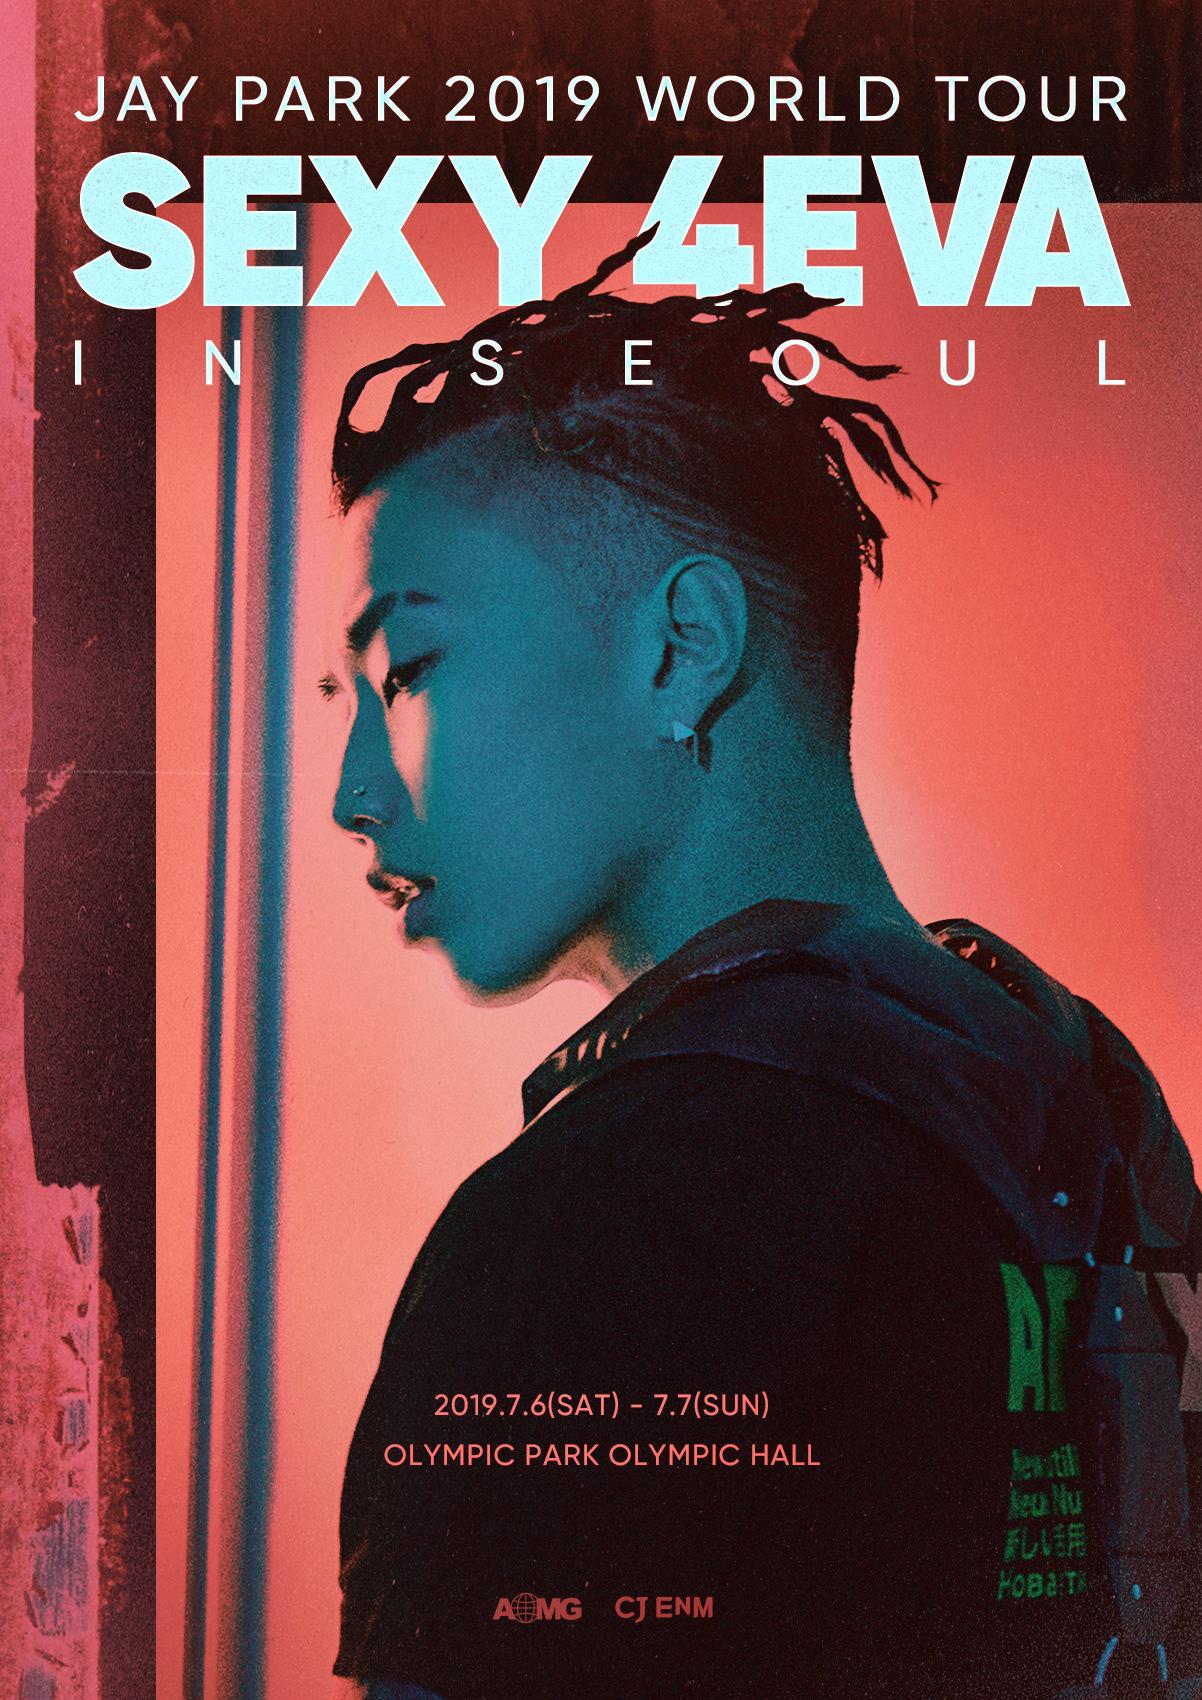 (0517) 박재범 2019 월드투어 서울 콘서트 포스터.jpg